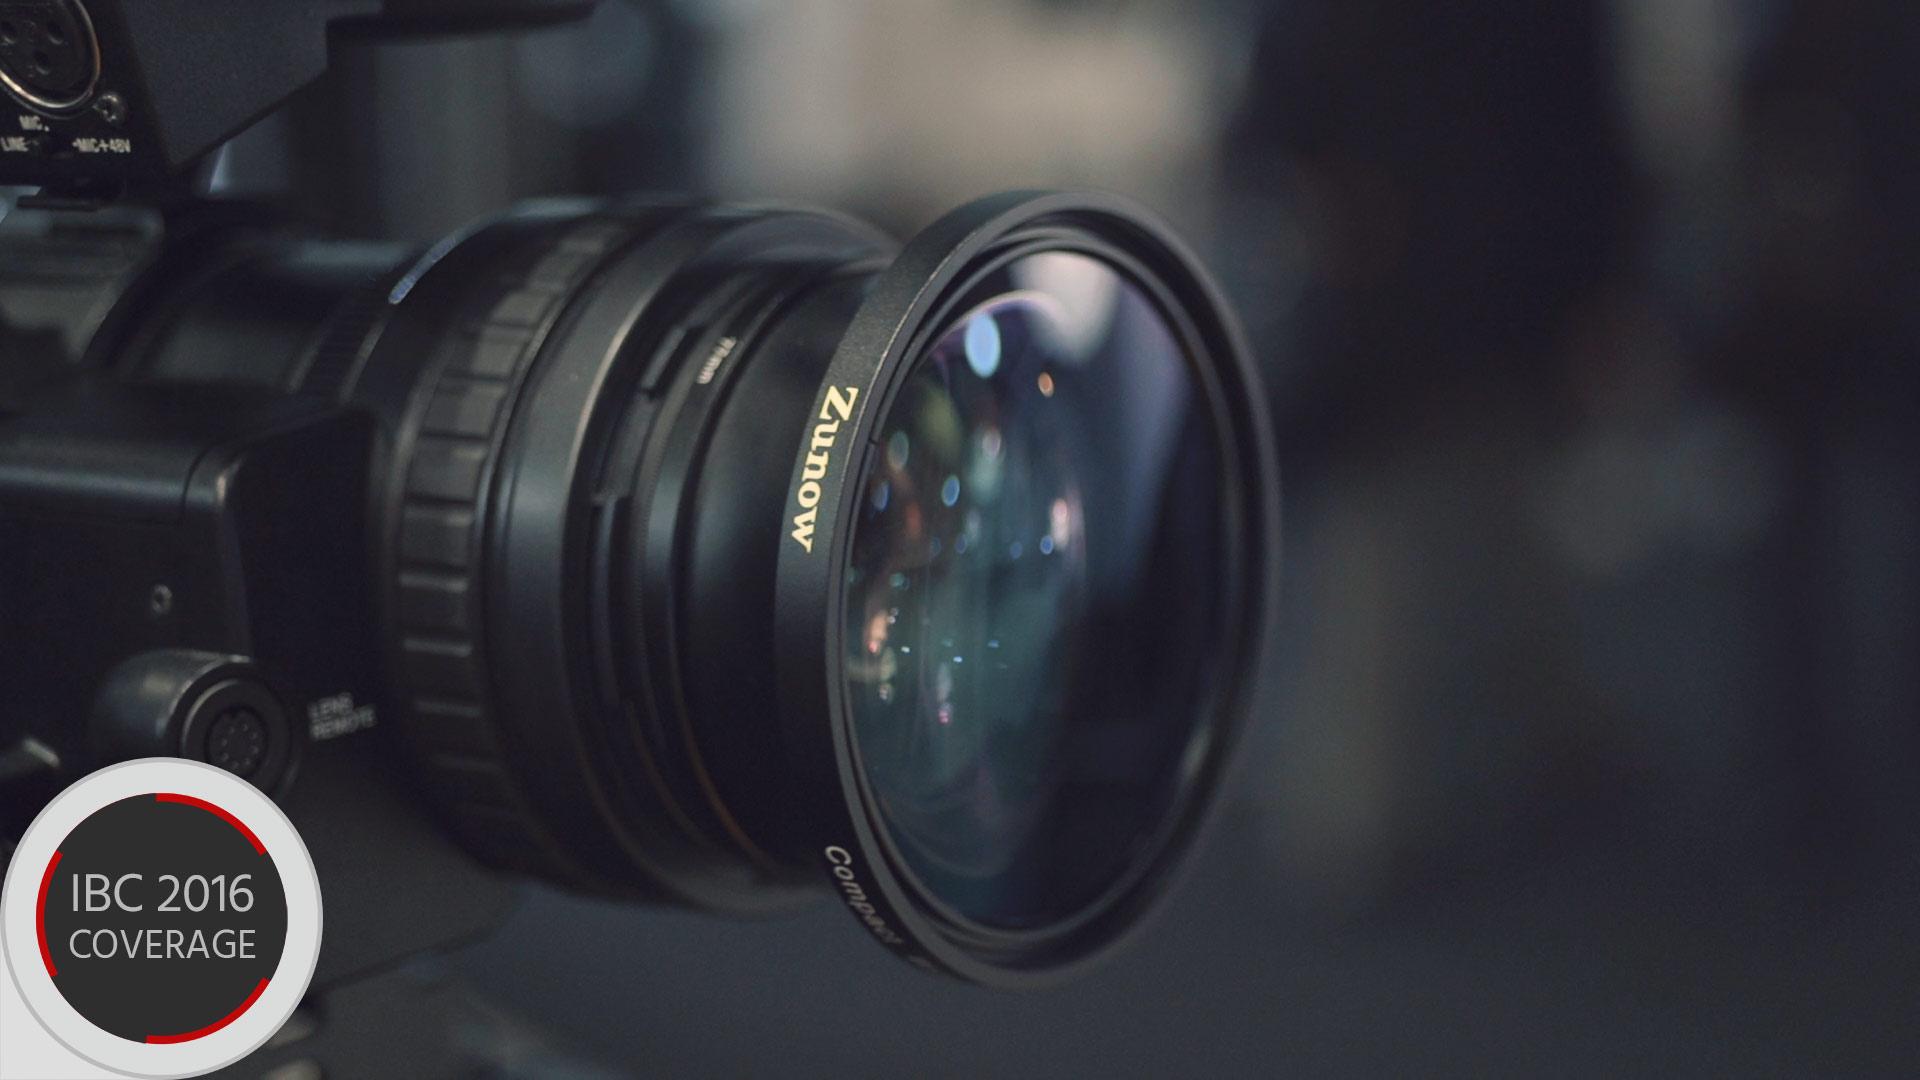 ズノーワイドコンバージョンレンズ -固定レンズカメラ用 4K対応も